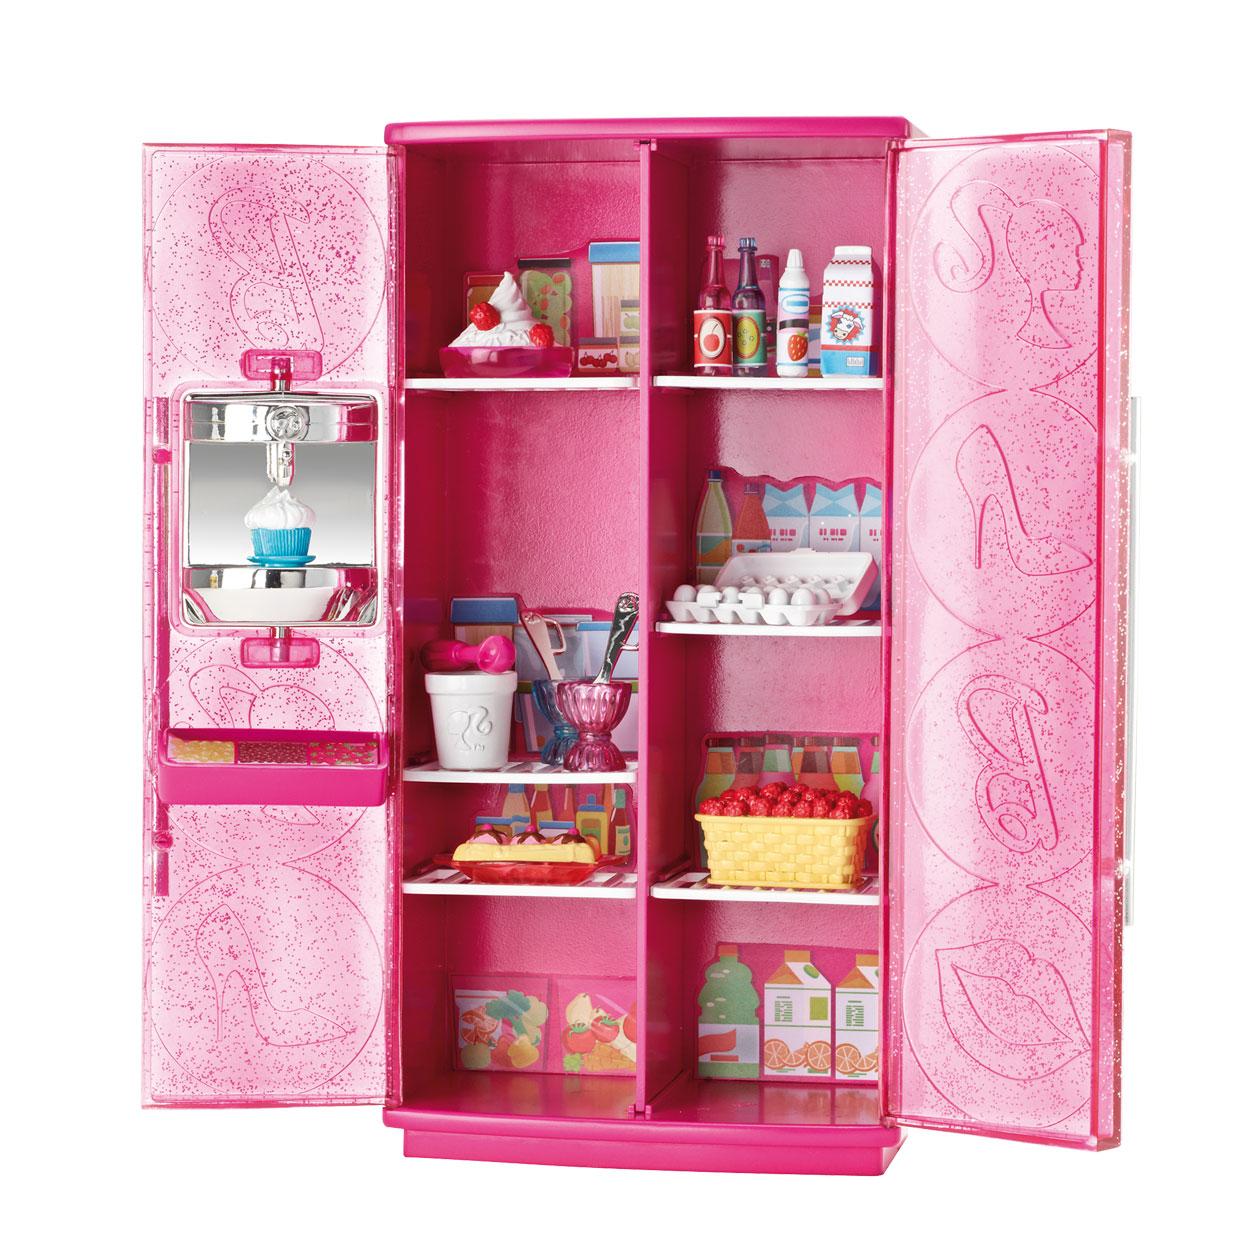 barbie meubilair luxe koelkast online kopen. Black Bedroom Furniture Sets. Home Design Ideas